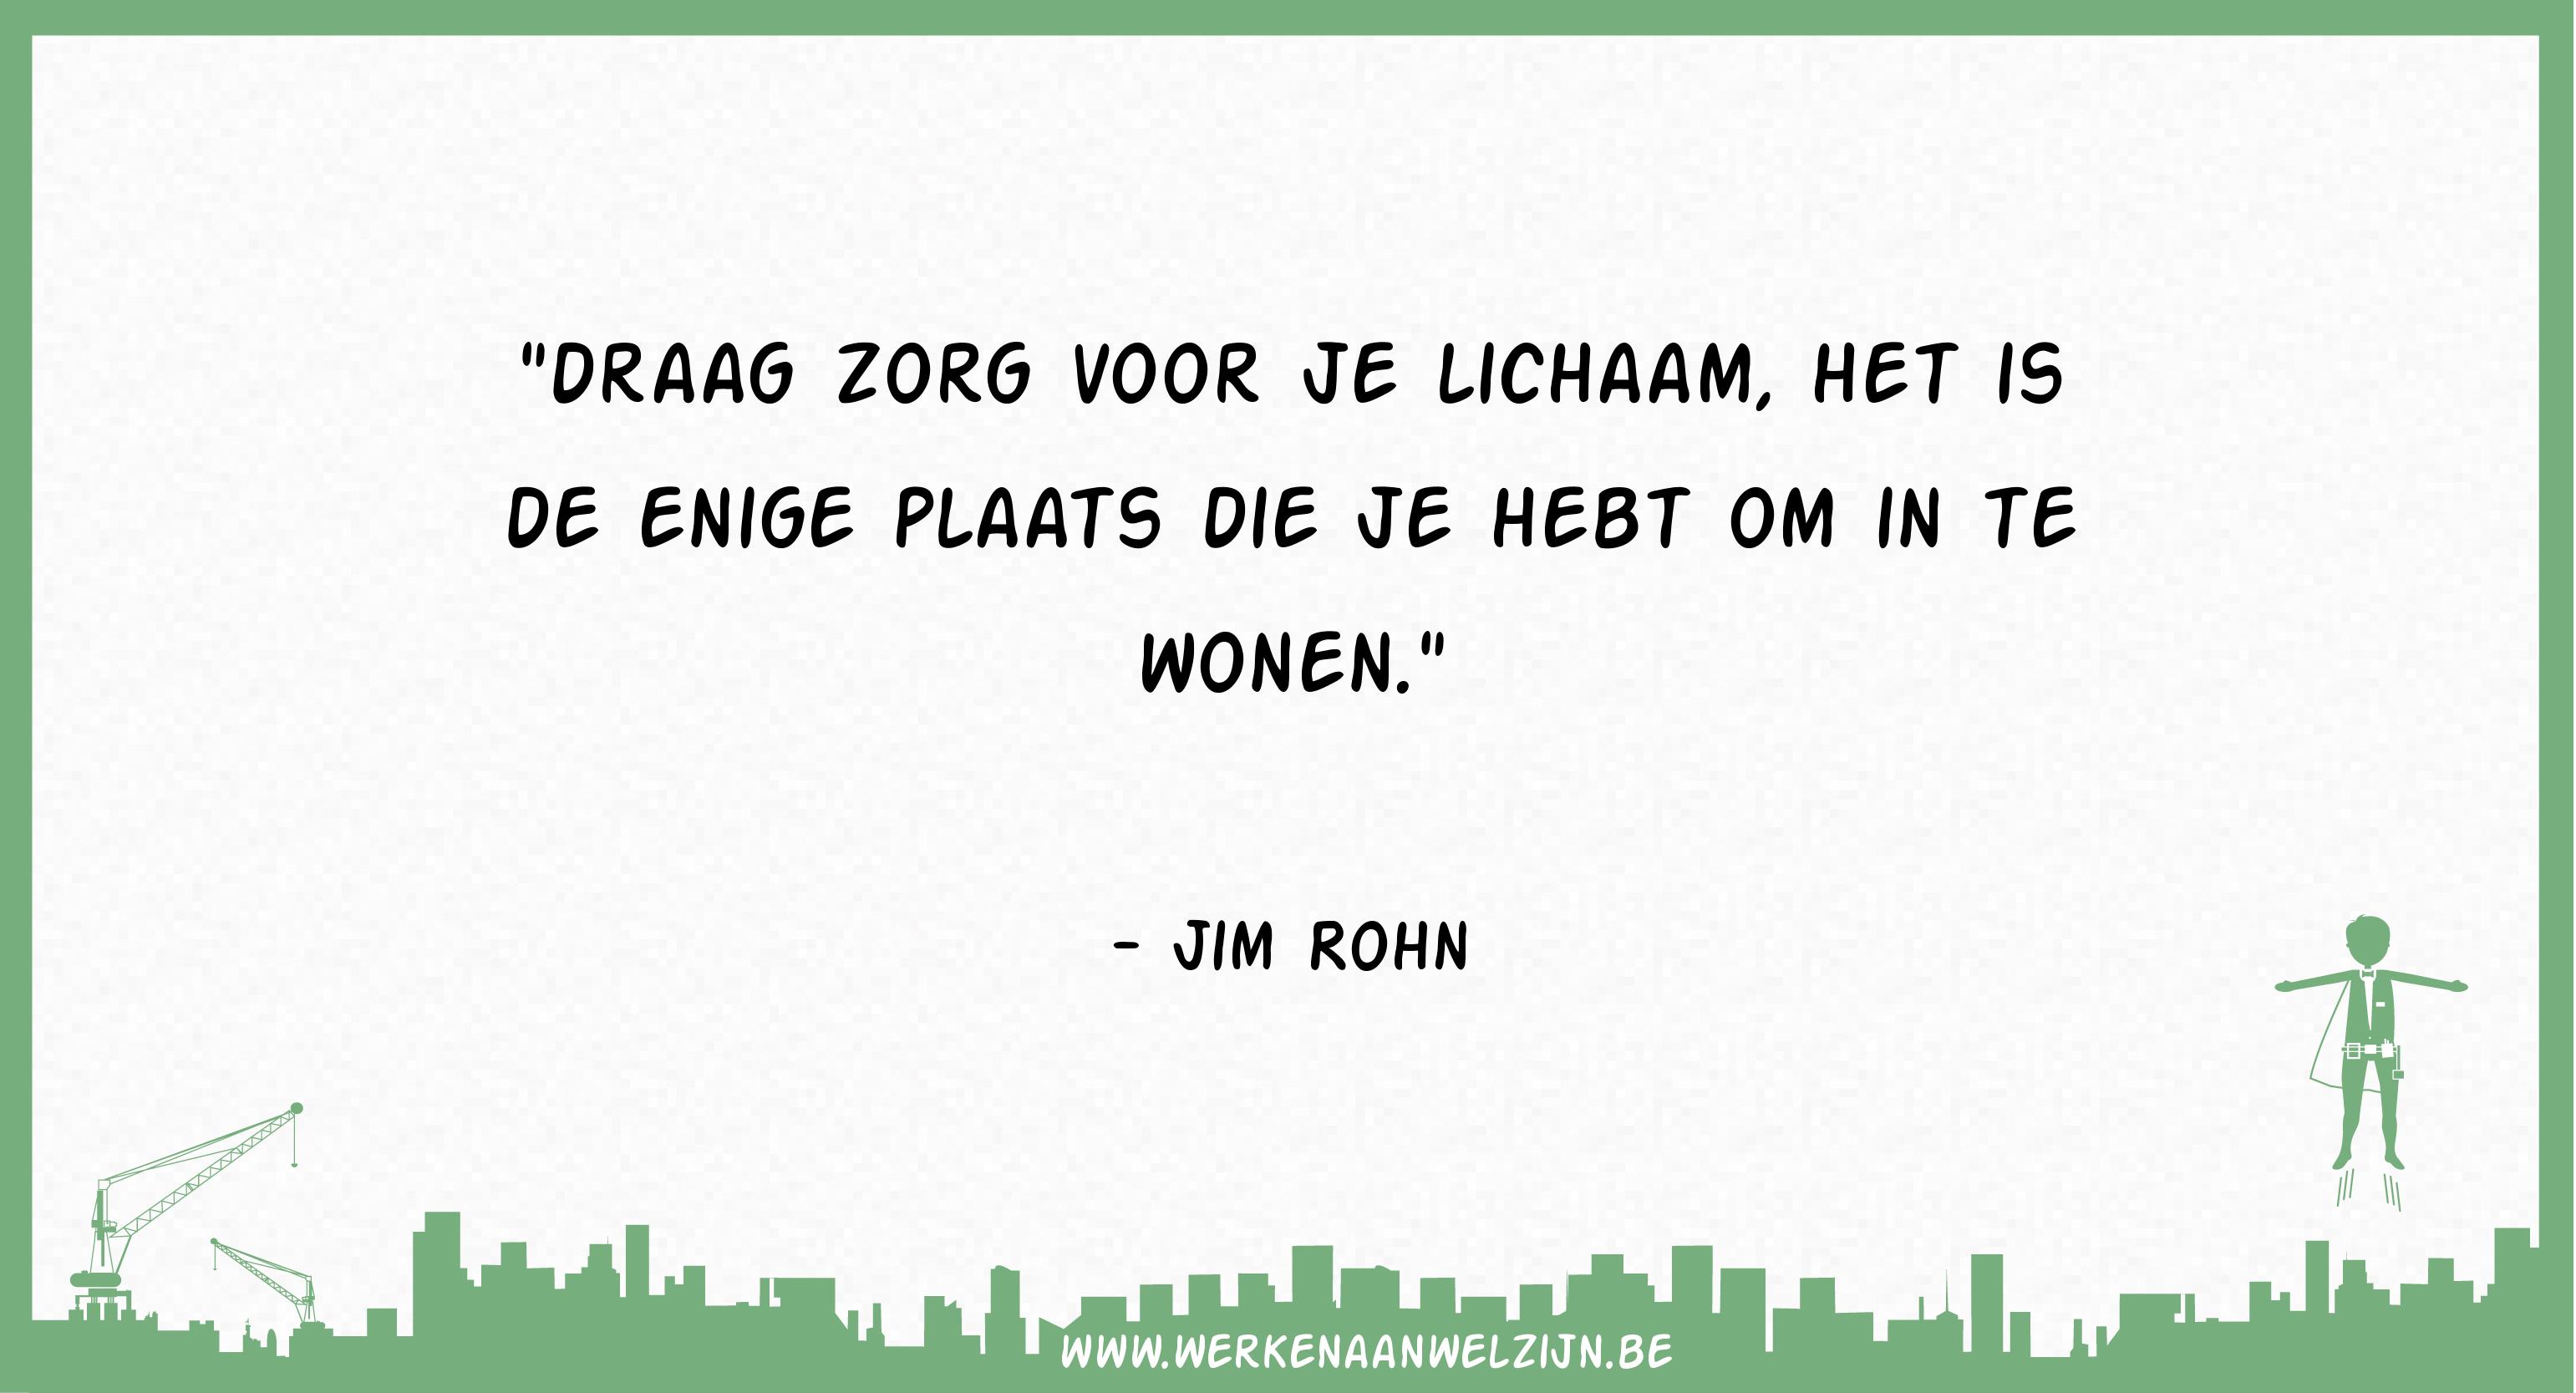 Draag zorg voor je lichaam, het is de enige plaats die je hebt om in te wonen (Jim Rohn)